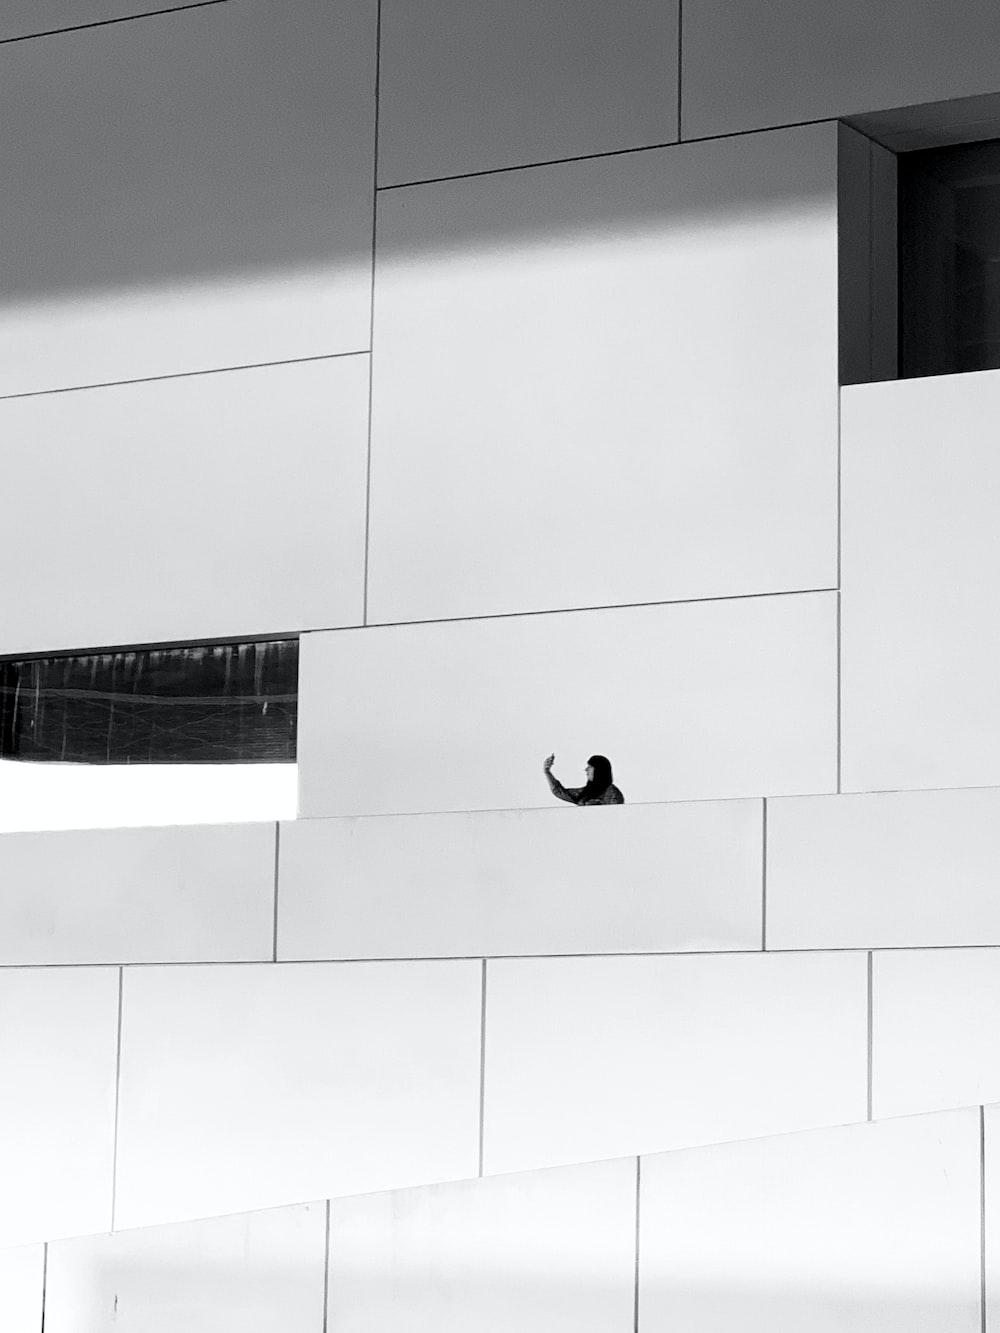 black bird on white wall